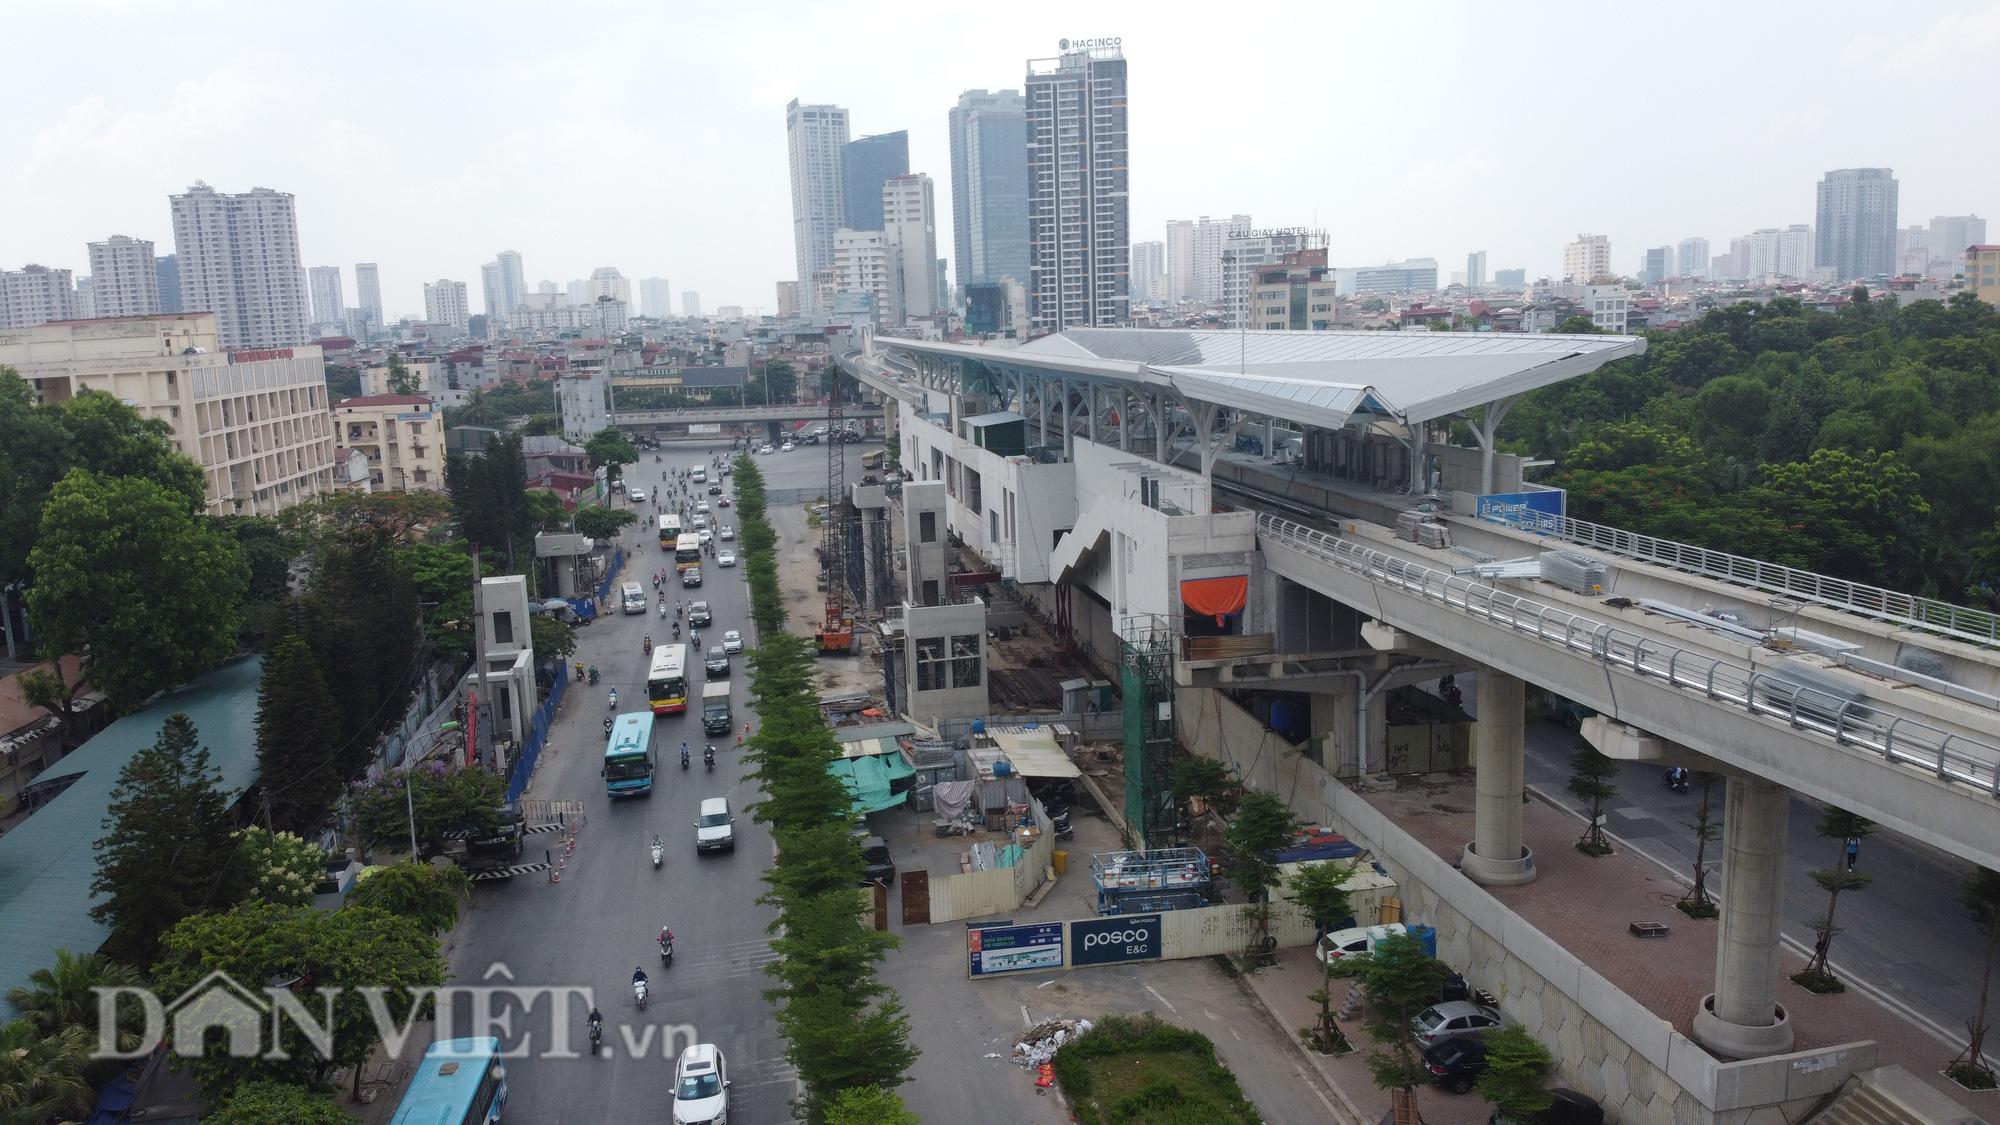 Toàn cảnh tuyến đường sắt trên cao bị đòi bồi thuờng hàng trăm tỷ đồng - Ảnh 6.